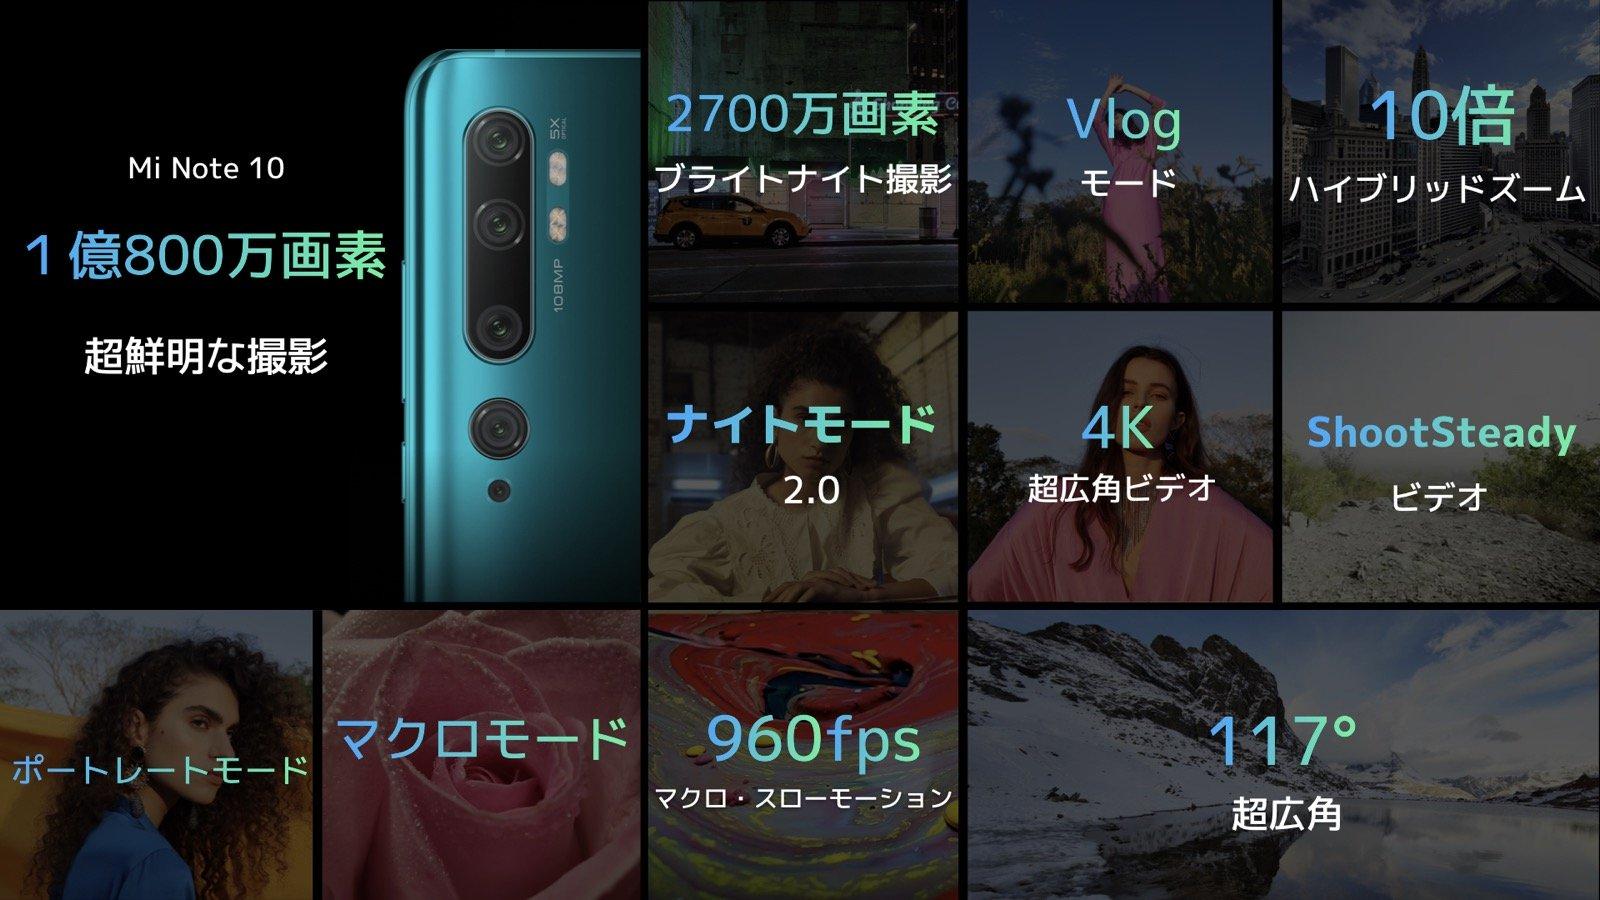 速報:シャオミ、1億画素・5眼カメラの「Mi Note 10」を5.2万円で日本発売